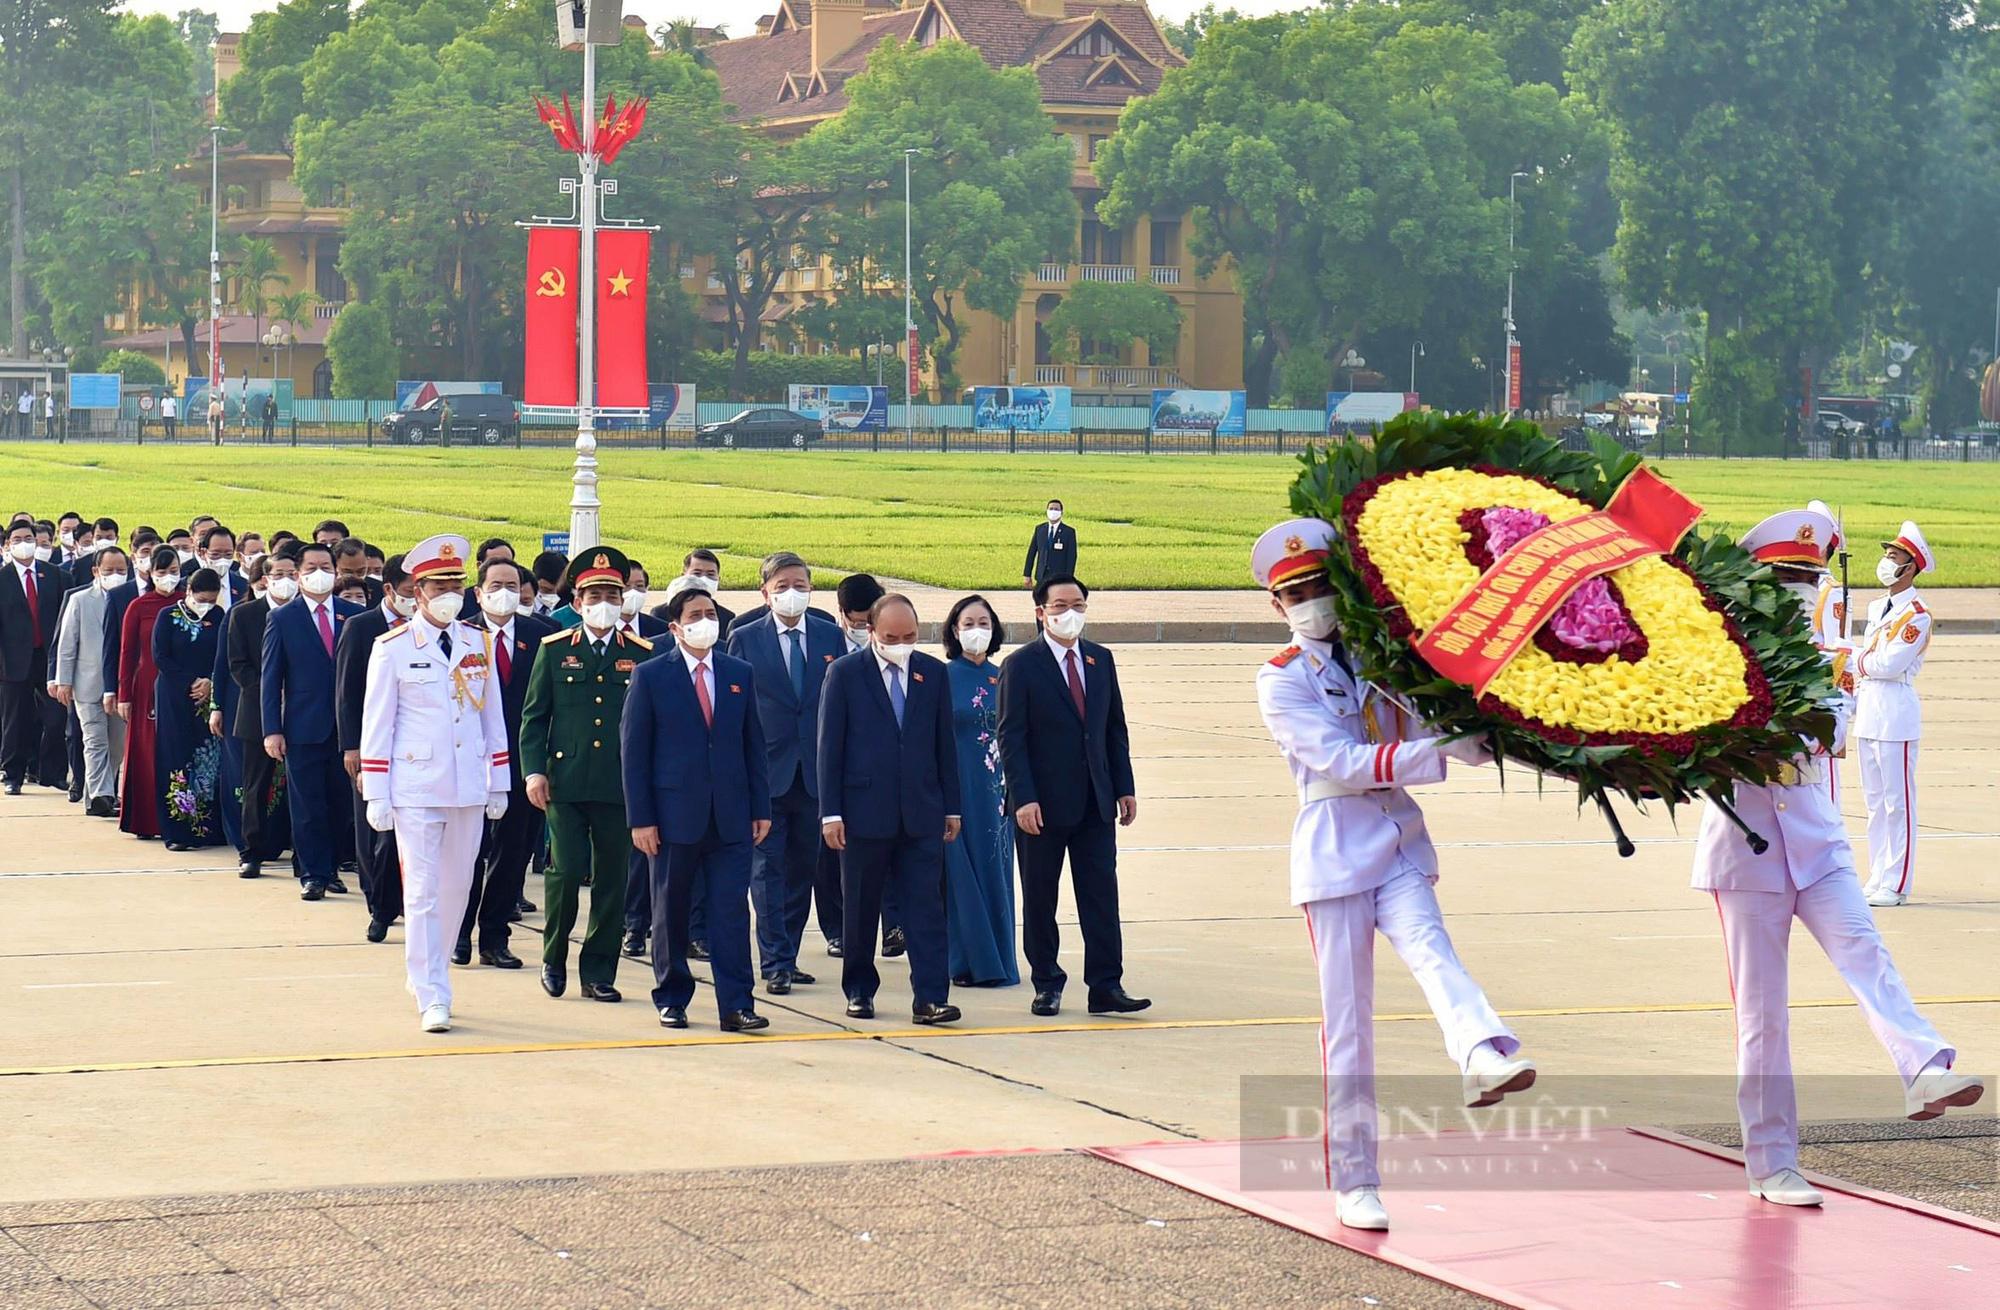 Lãnh đạo Đảng, Nhà nước và đại biểu Quốc hội khóa XV vào Lăng viếng Bác - Ảnh 1.